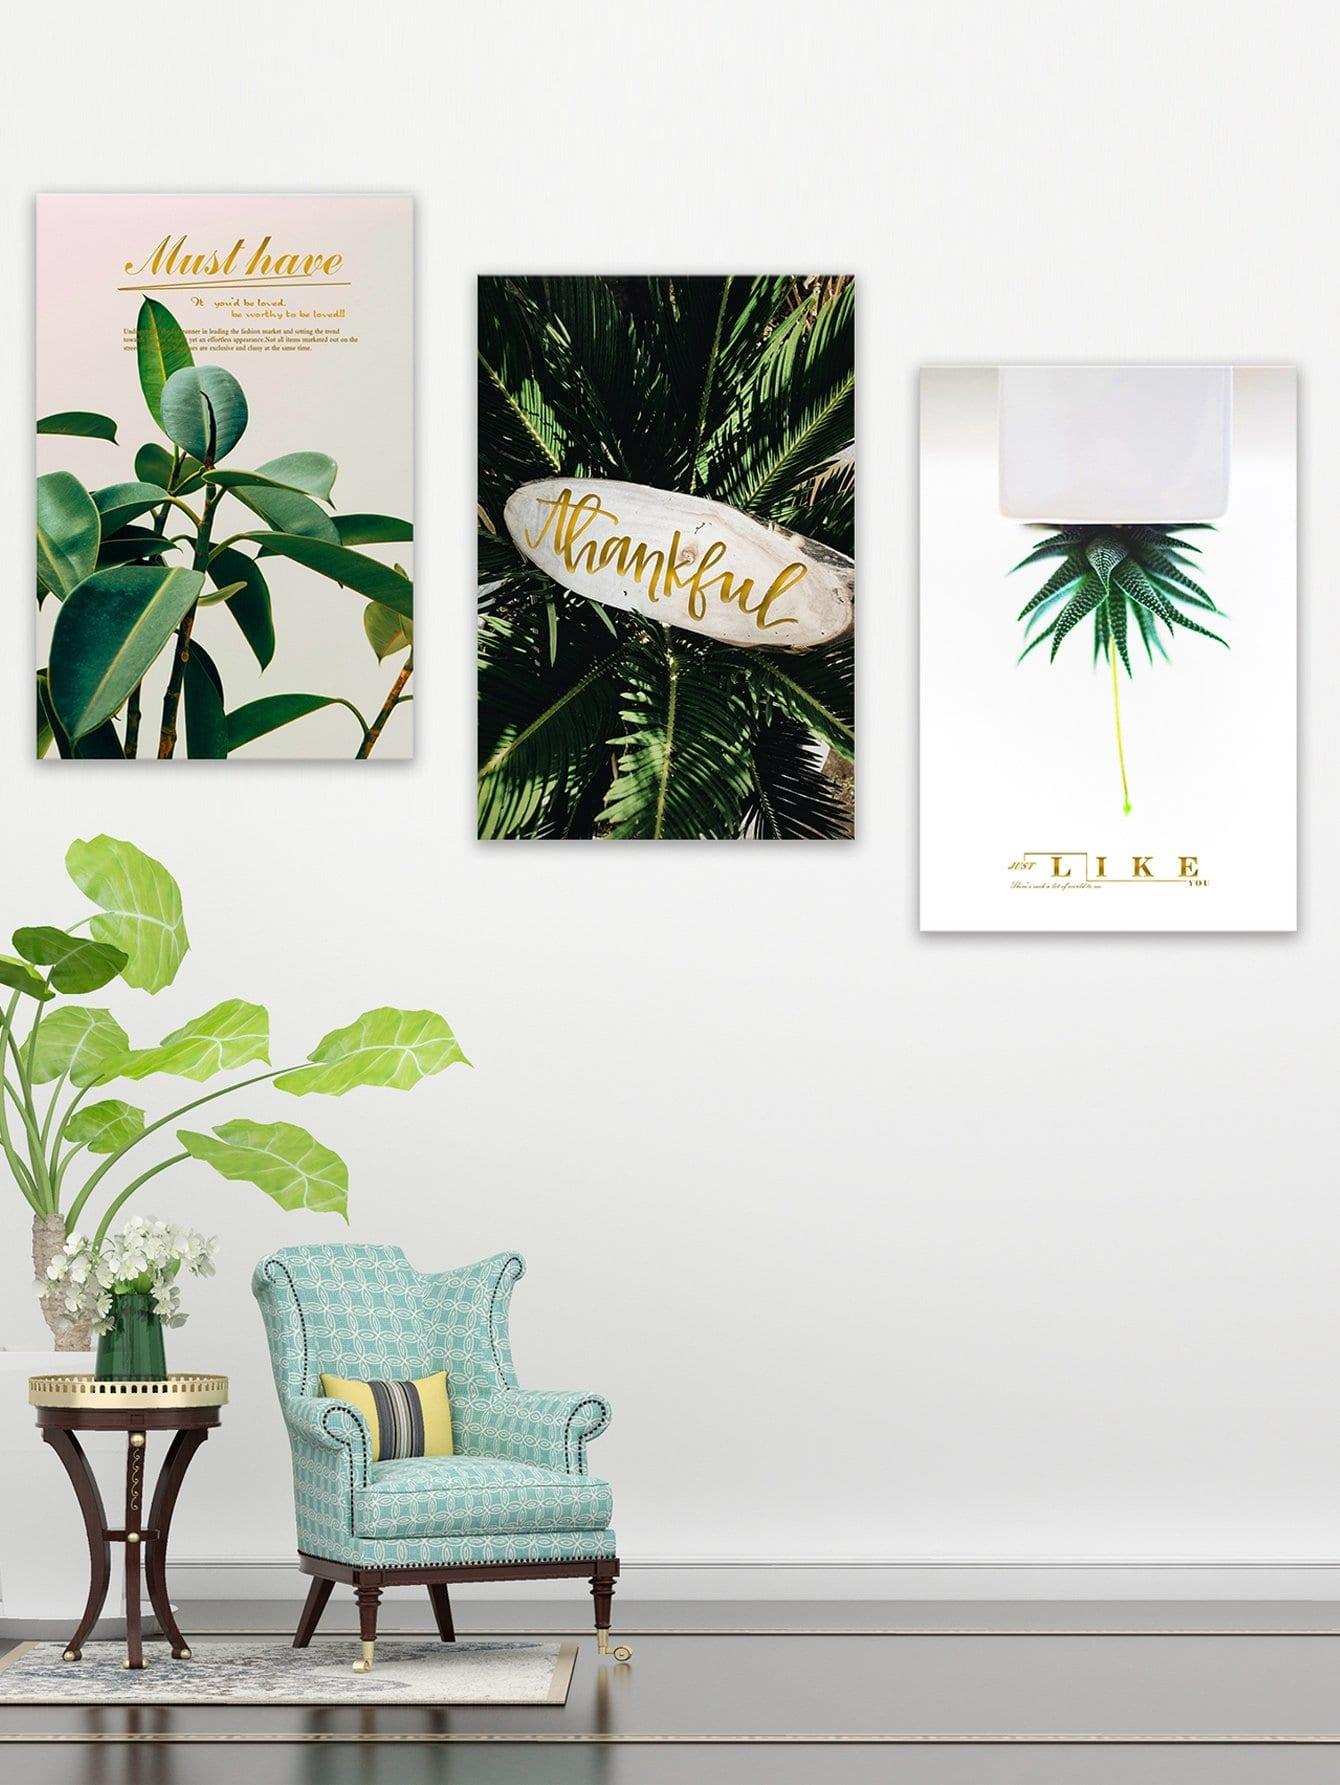 Купить Настенная фотография с рисунками растений и буквы 3 шт, null, SheIn